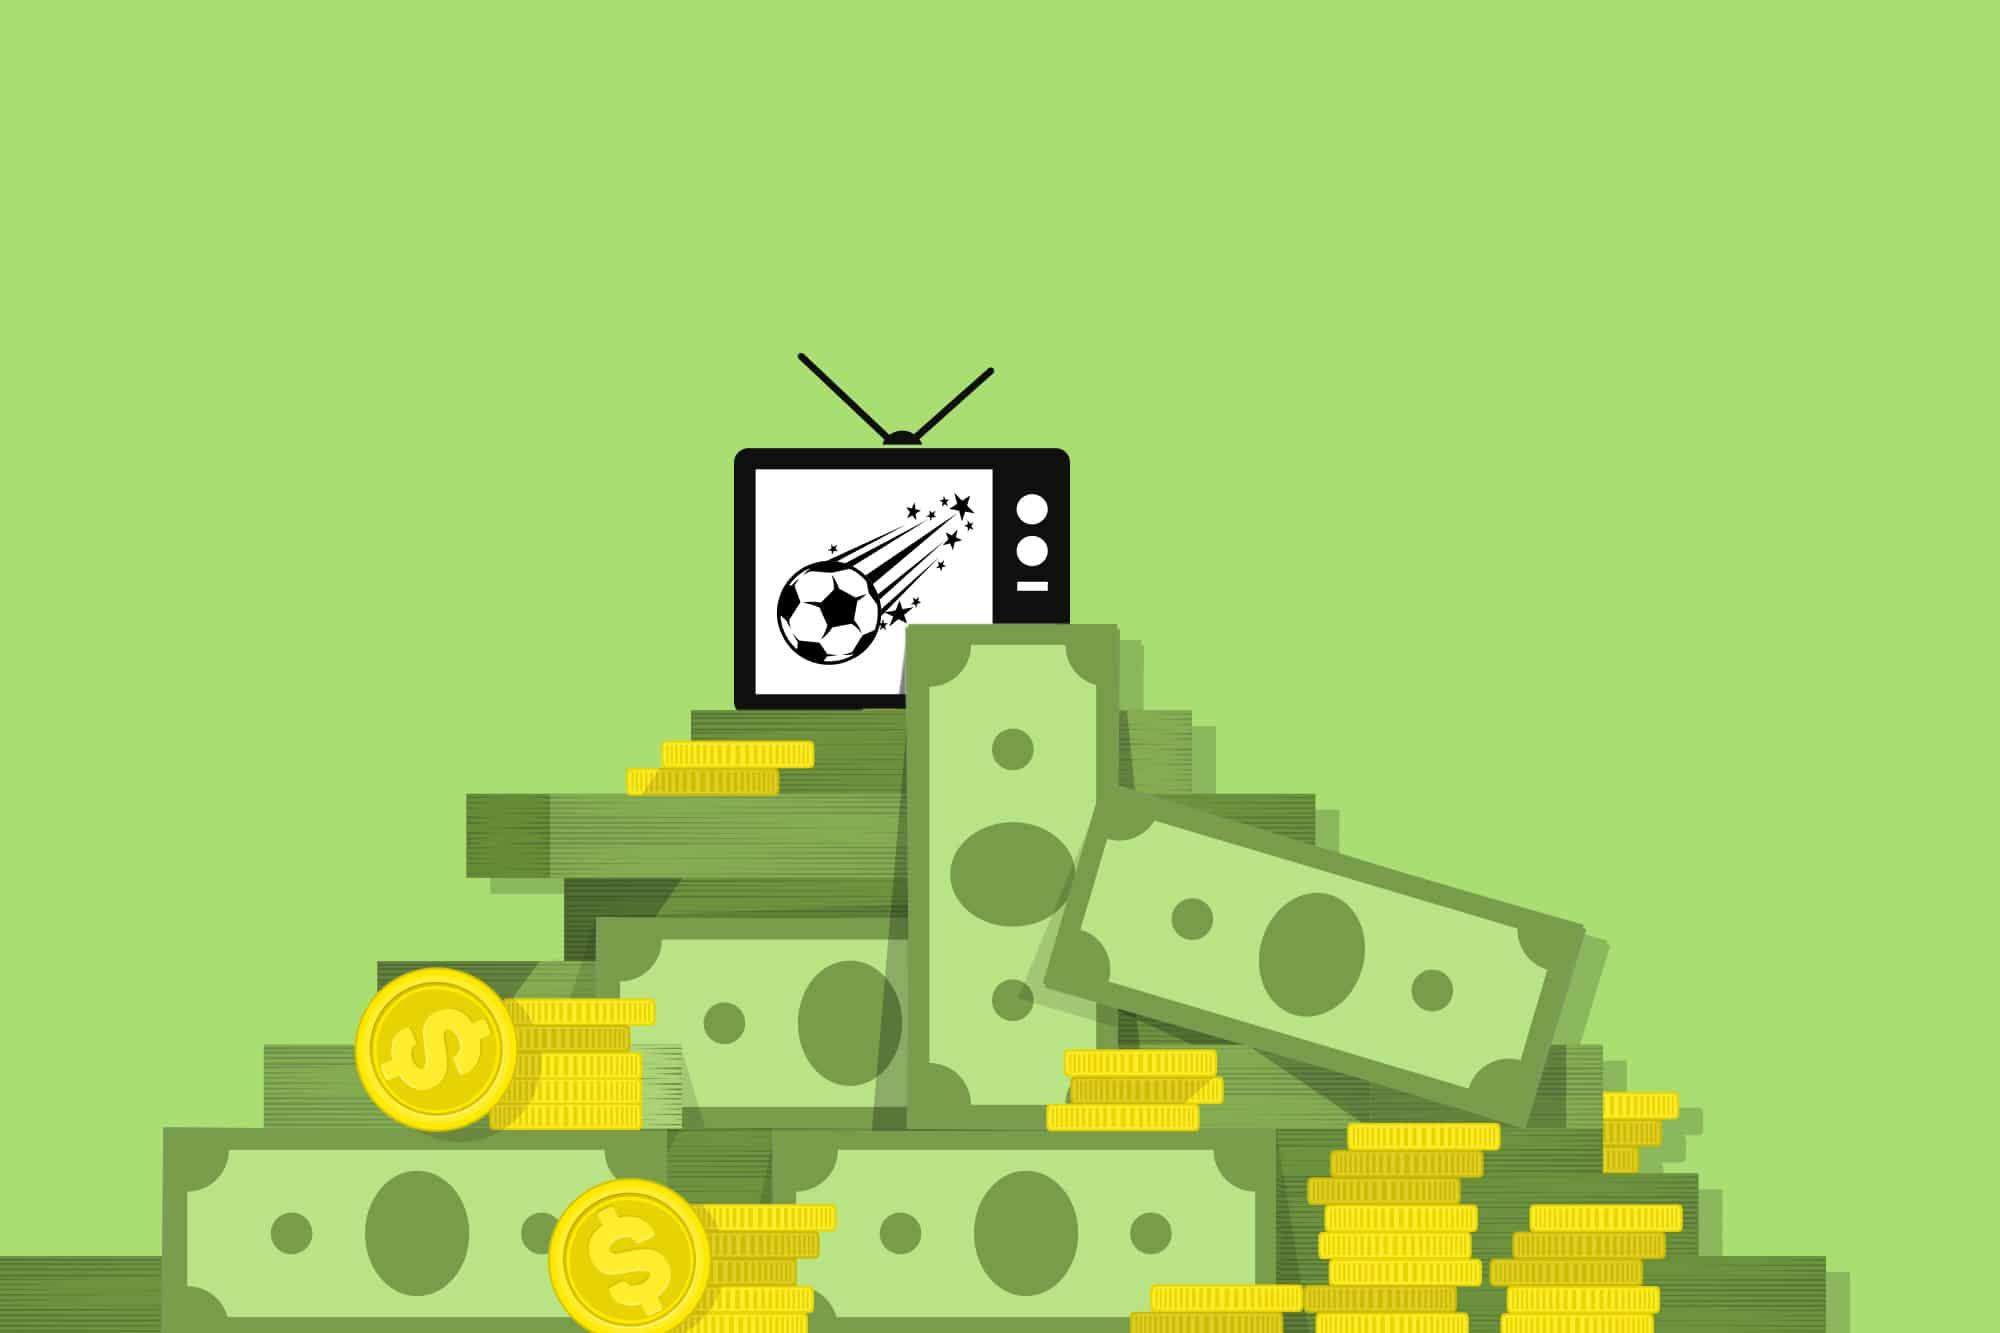 Fernsehen  und Internet machen es möglich: 4,6 Milliarden Euro fliessen in den nächsten vier Jahren an die Bundesligisten.